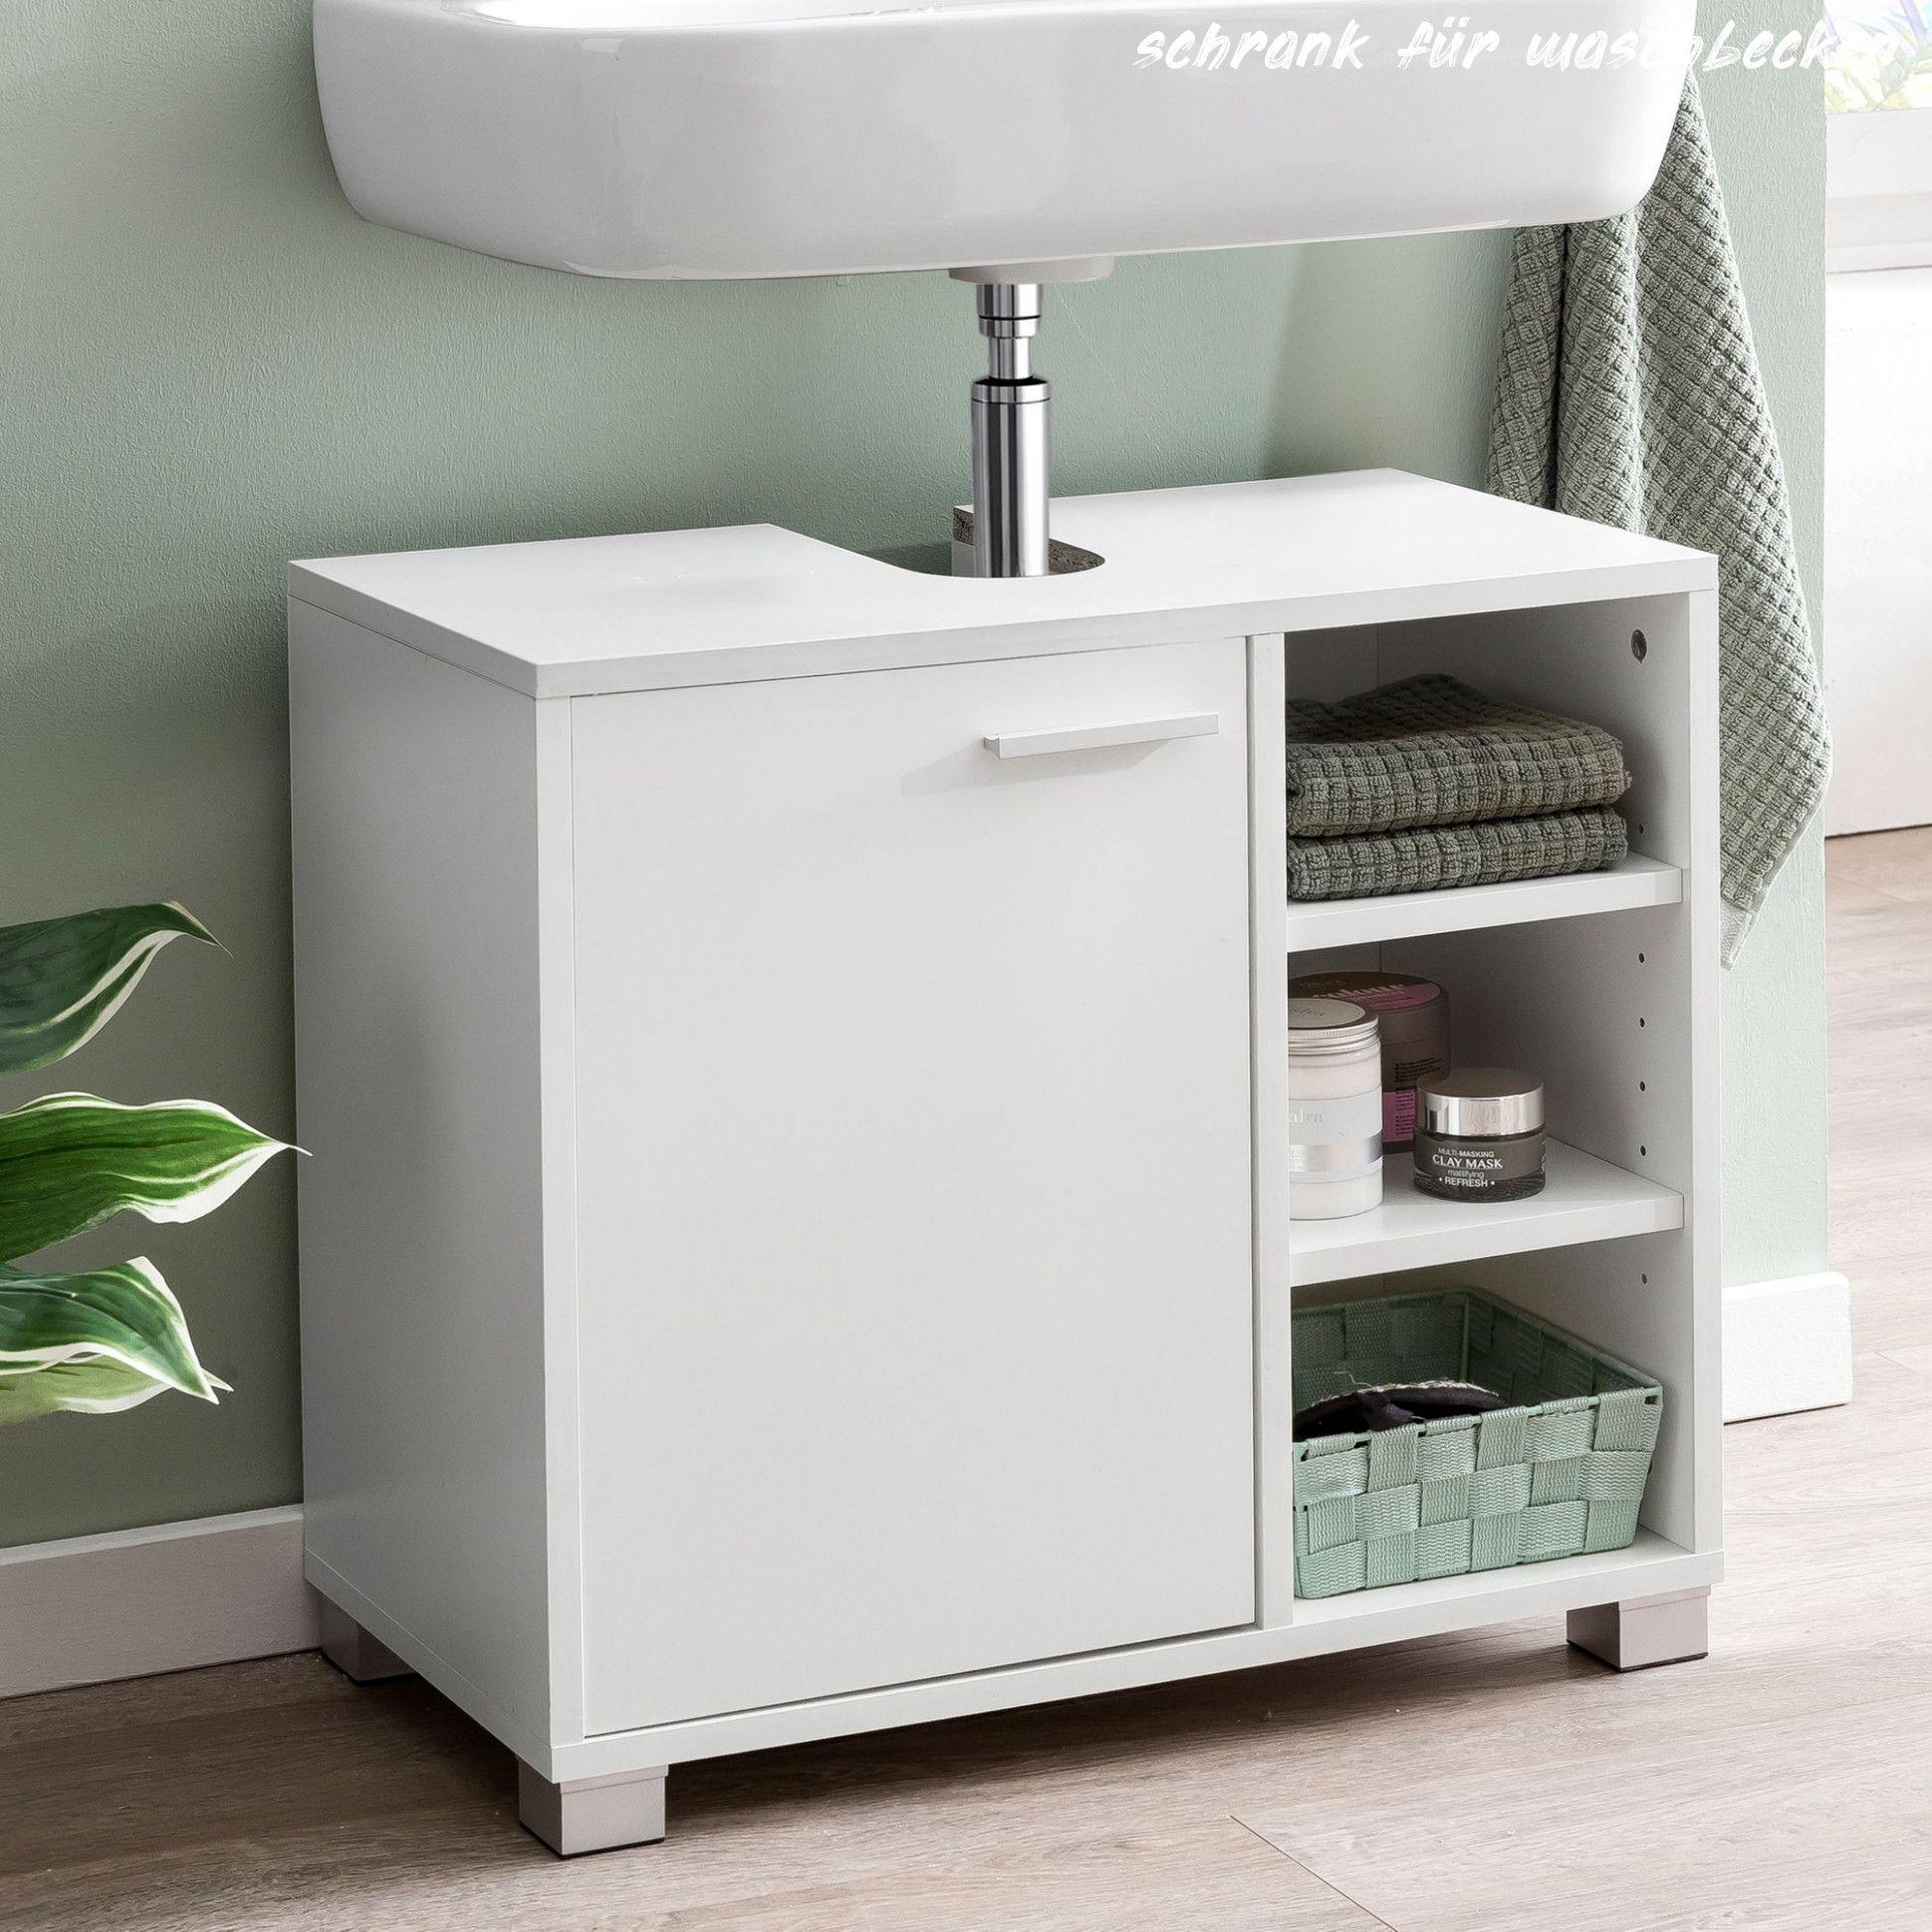 6 Schrank Fur Waschbecken In 2020 Bathroom Vanity Vanity Single Vanity